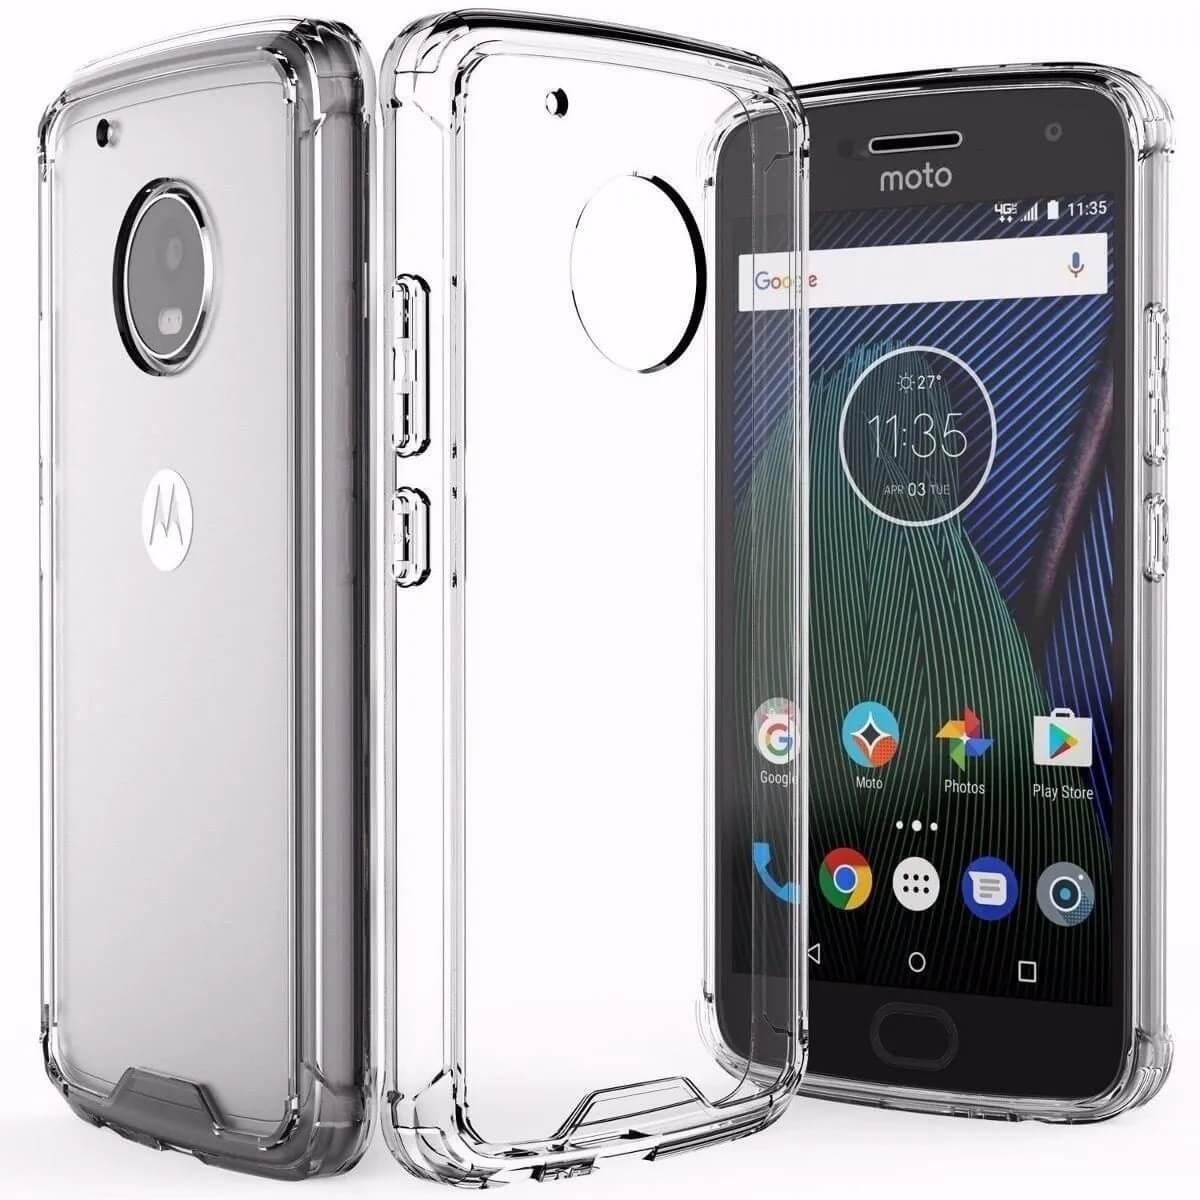 Capa Transparente Anti Impacto Motorola Moto G5 Plus Hrebos CT-MOTOG5PLUS